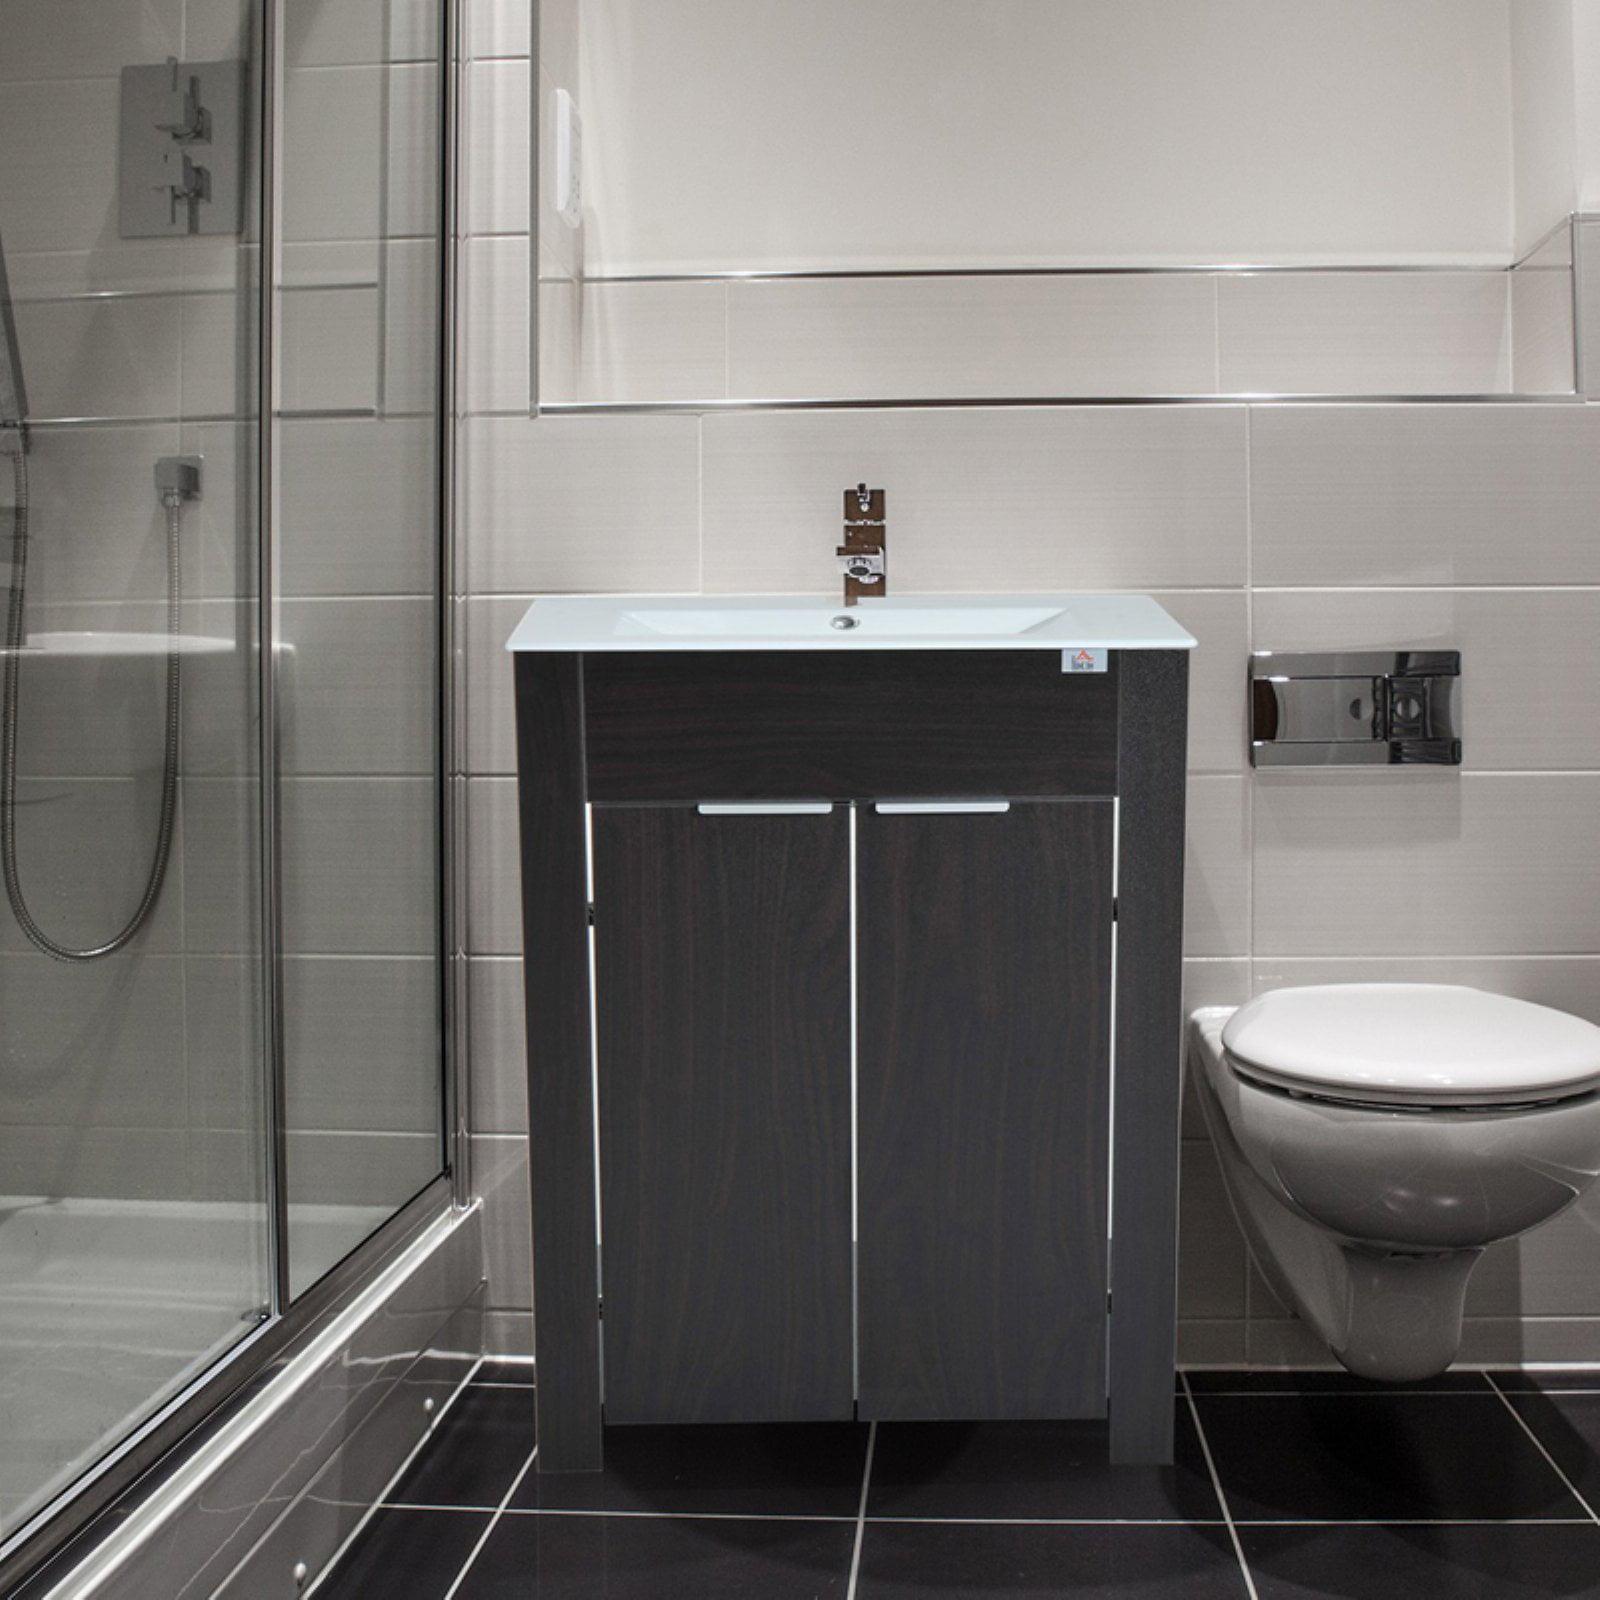 HomCom Single Sink Bathroom Vanity Cabinet with Ceramic Sink Top